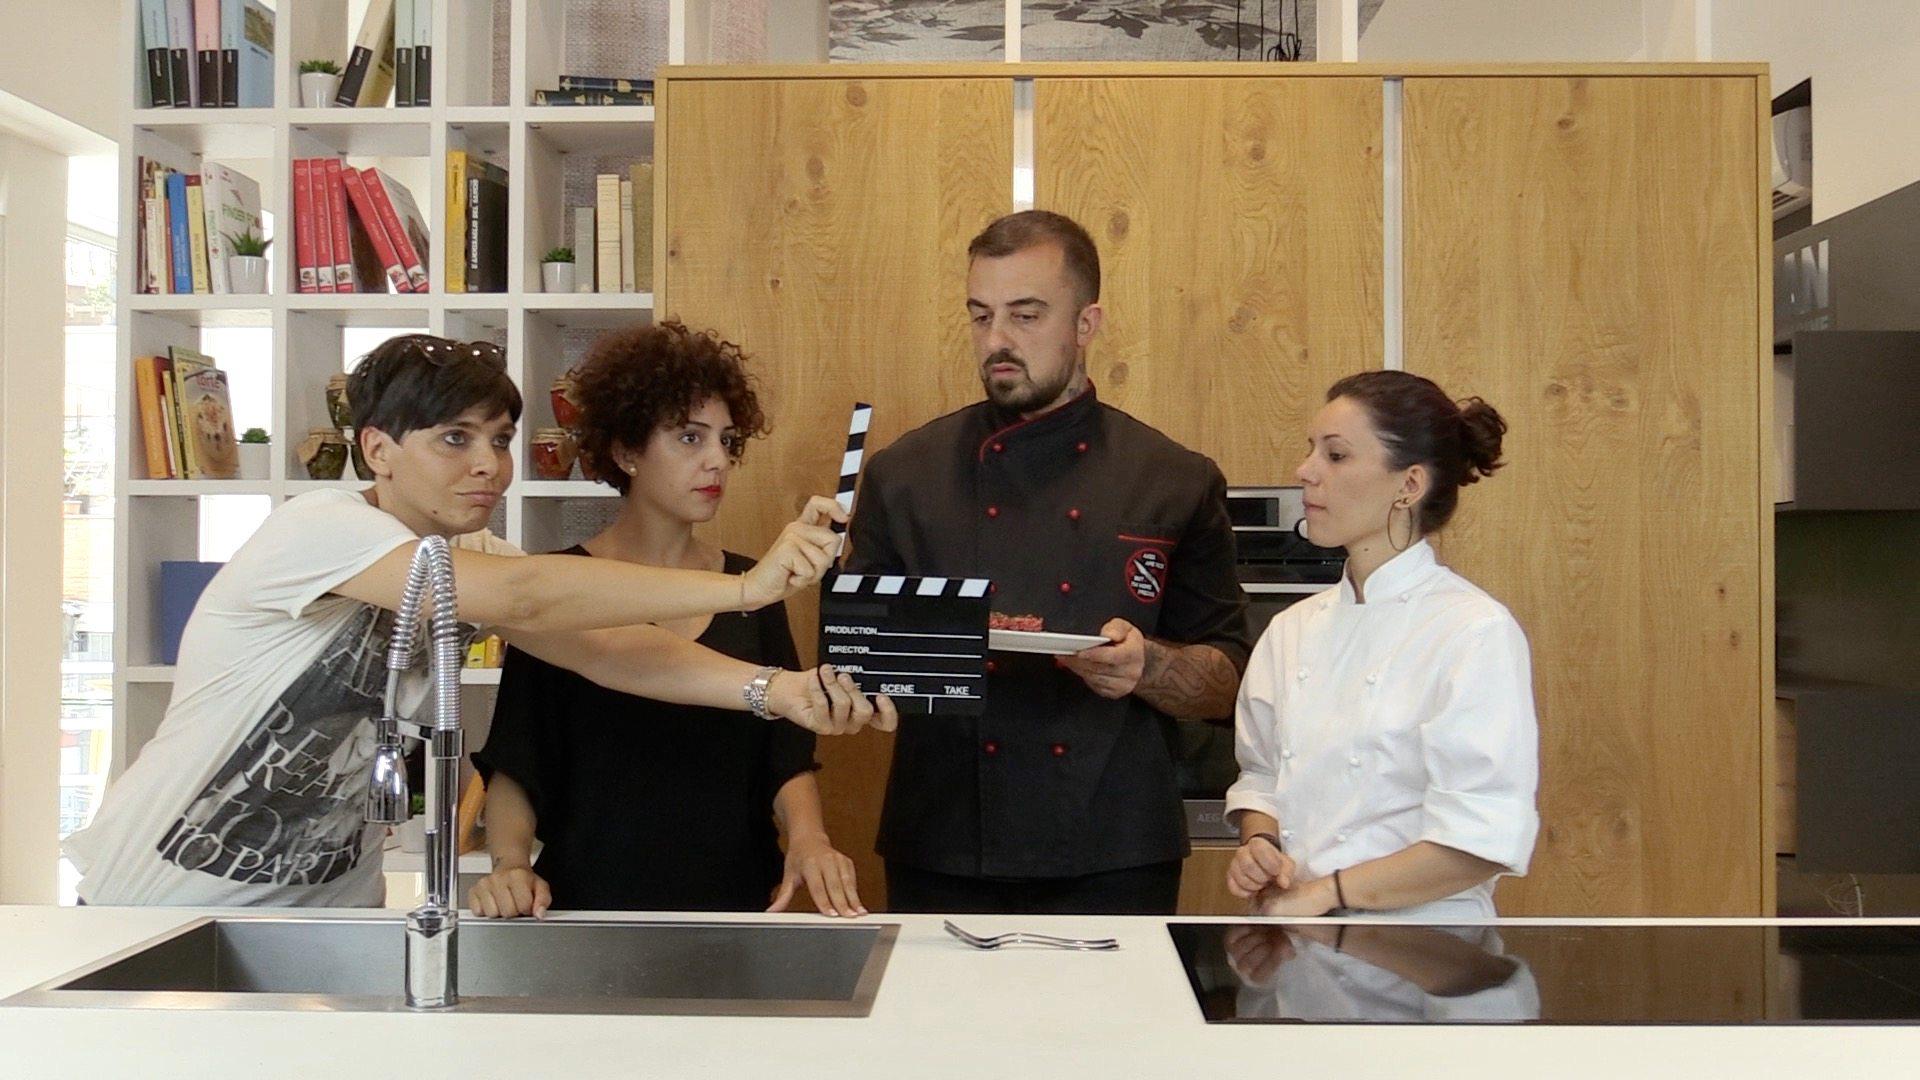 da sx Ilaria Chiesa (RecTv), Deborah Donadio (ISSR), Chef Rubio, Serena Sacco (L'AltroSpazio). Location: set Aran Concept Store di Roma Gregorio VII.